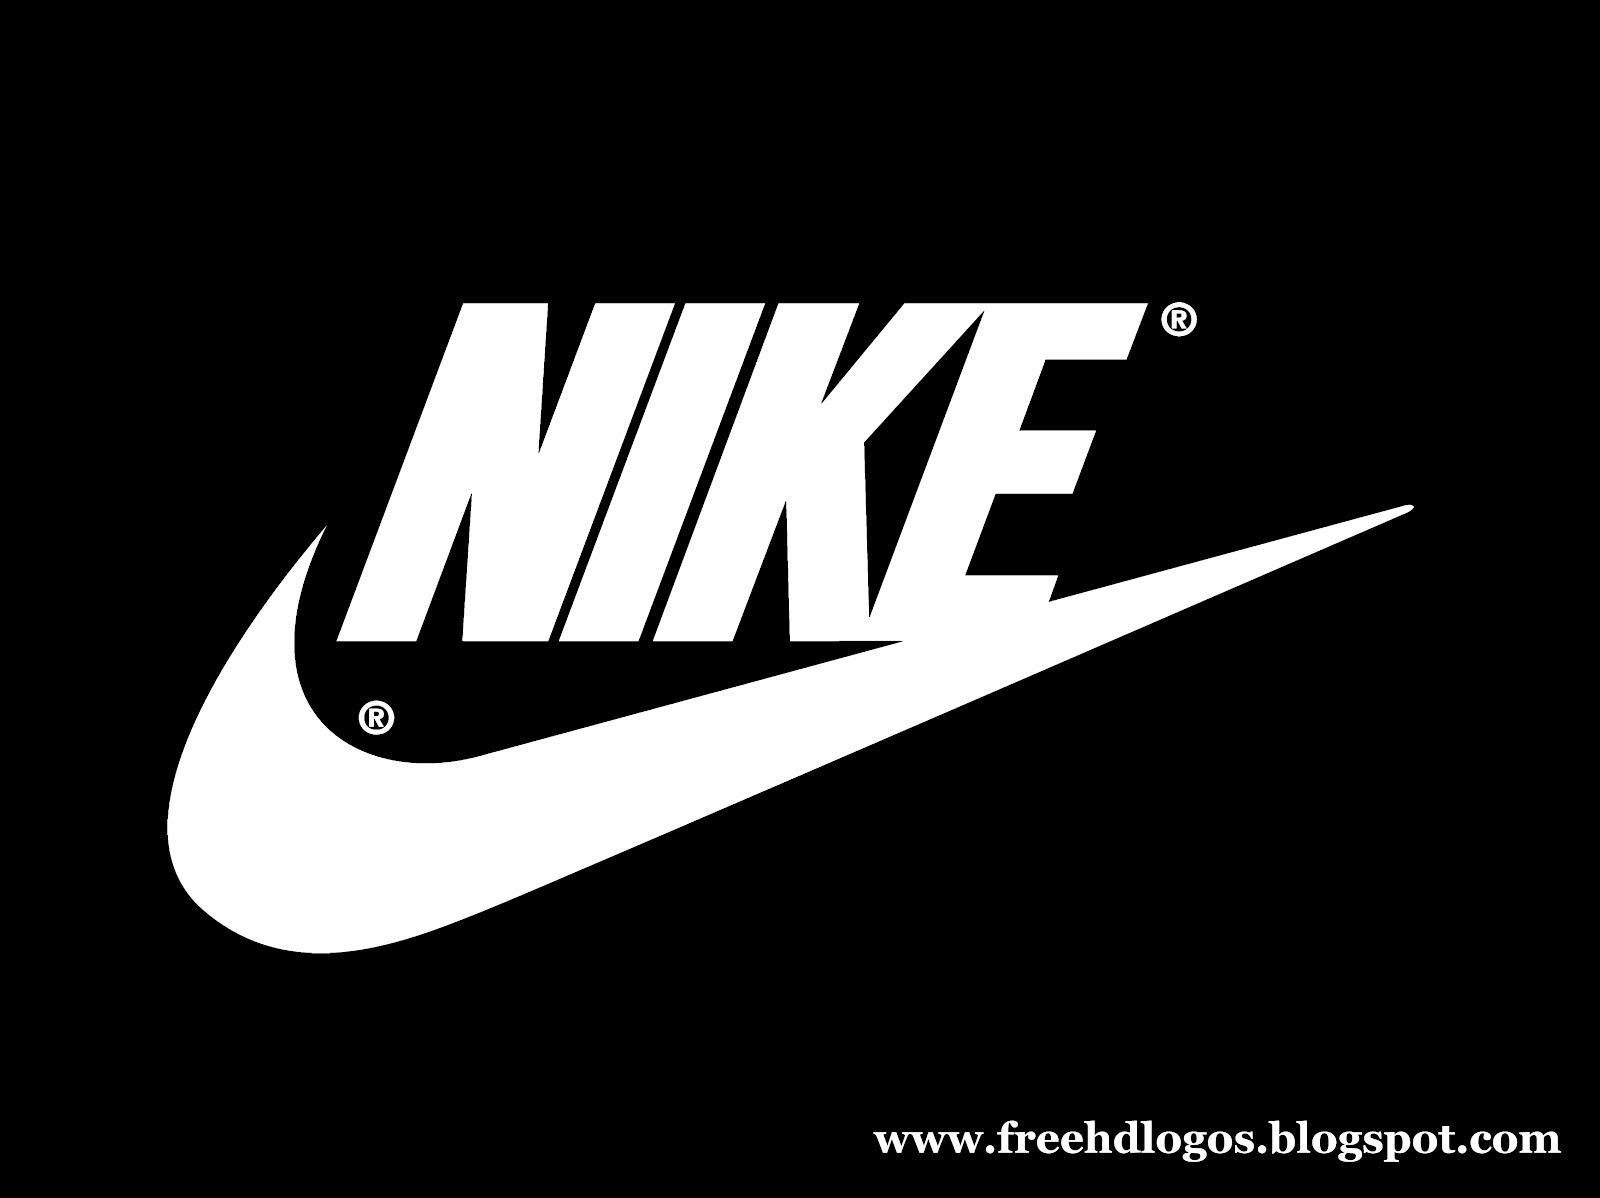 Nike+logo+dark+with+Nike+name+freehdlogos.jpg